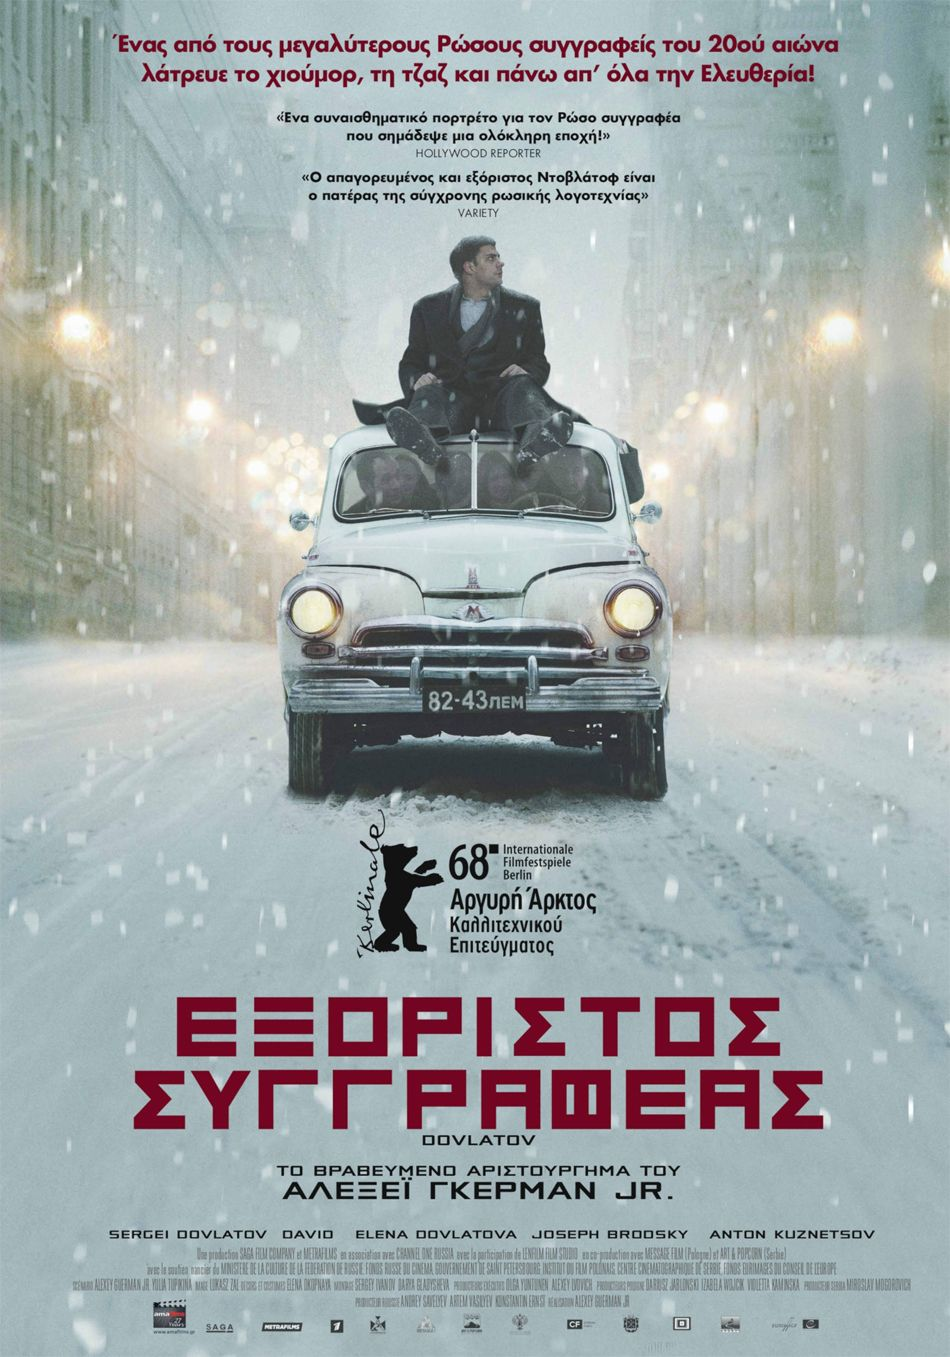 Εξόριστος συγγραφέας (Dovlatov) Poster Πόστερ